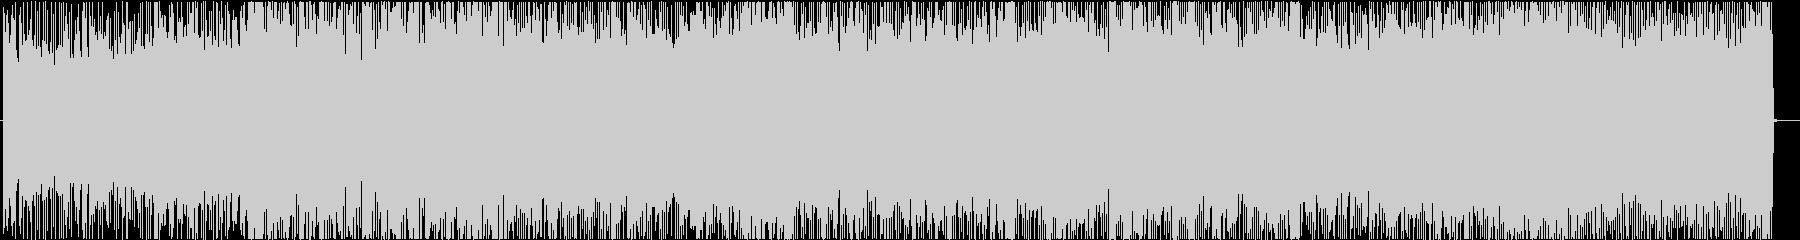 メロデイアスで攻撃的なギターインストの未再生の波形